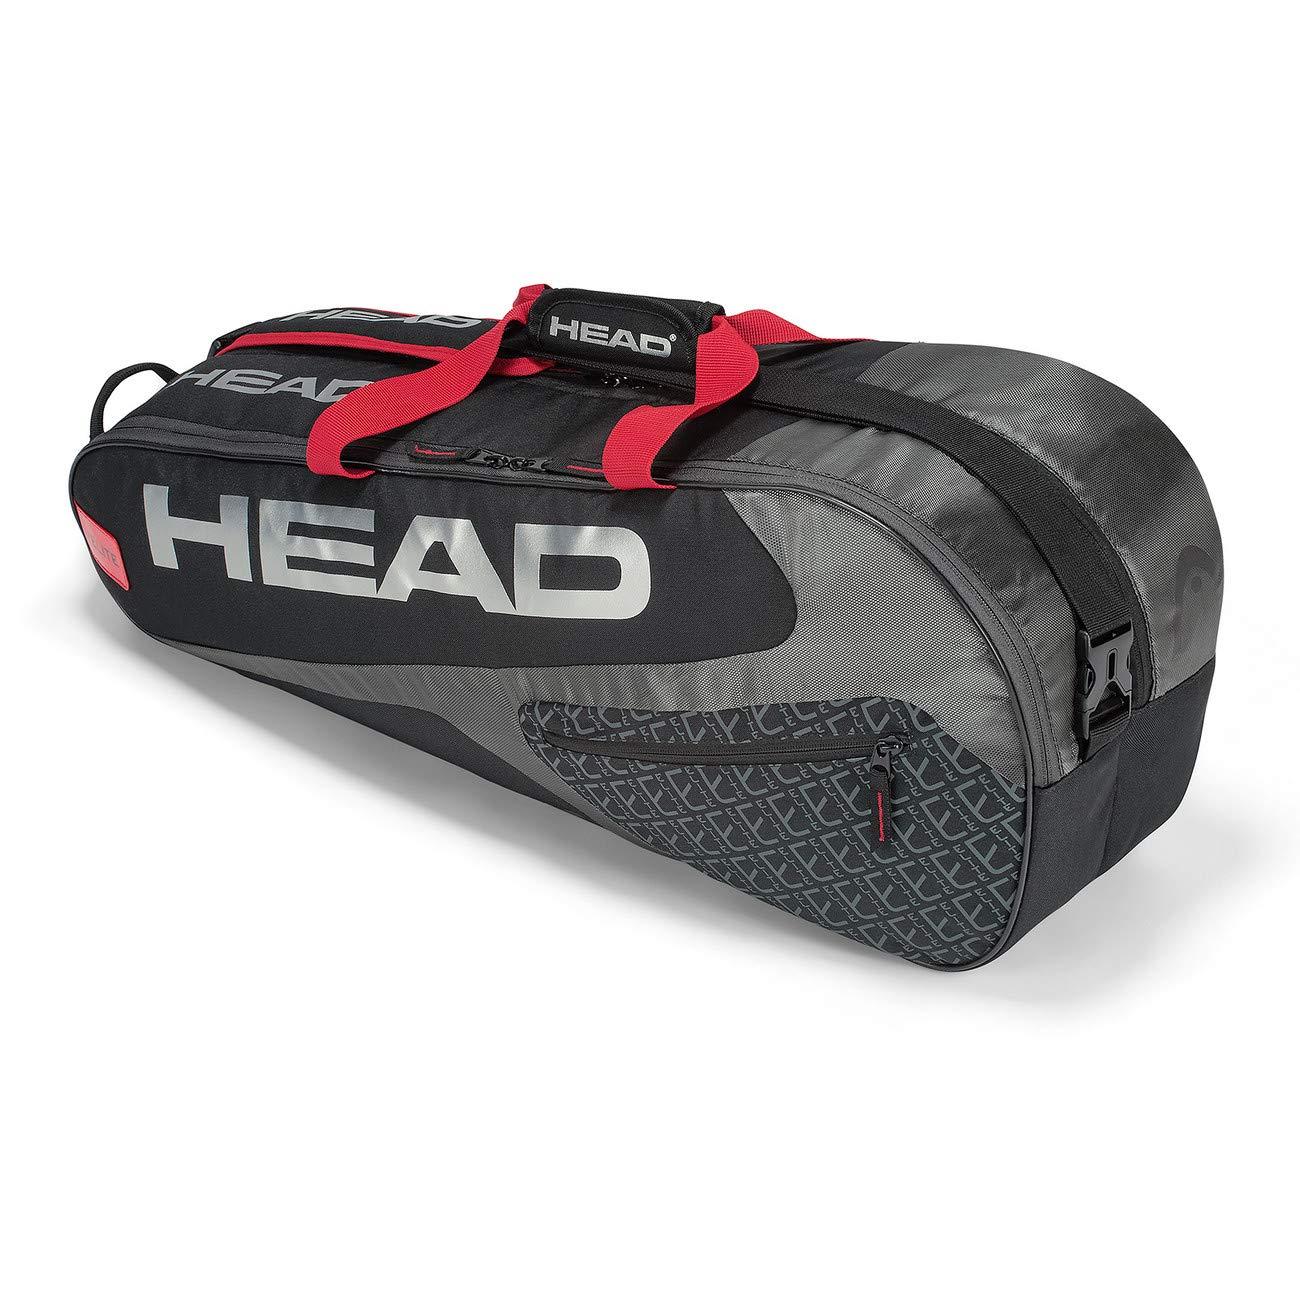 Head Elite 9r Supercombie - Bolsa para Raqueta de Tenis, Color ...